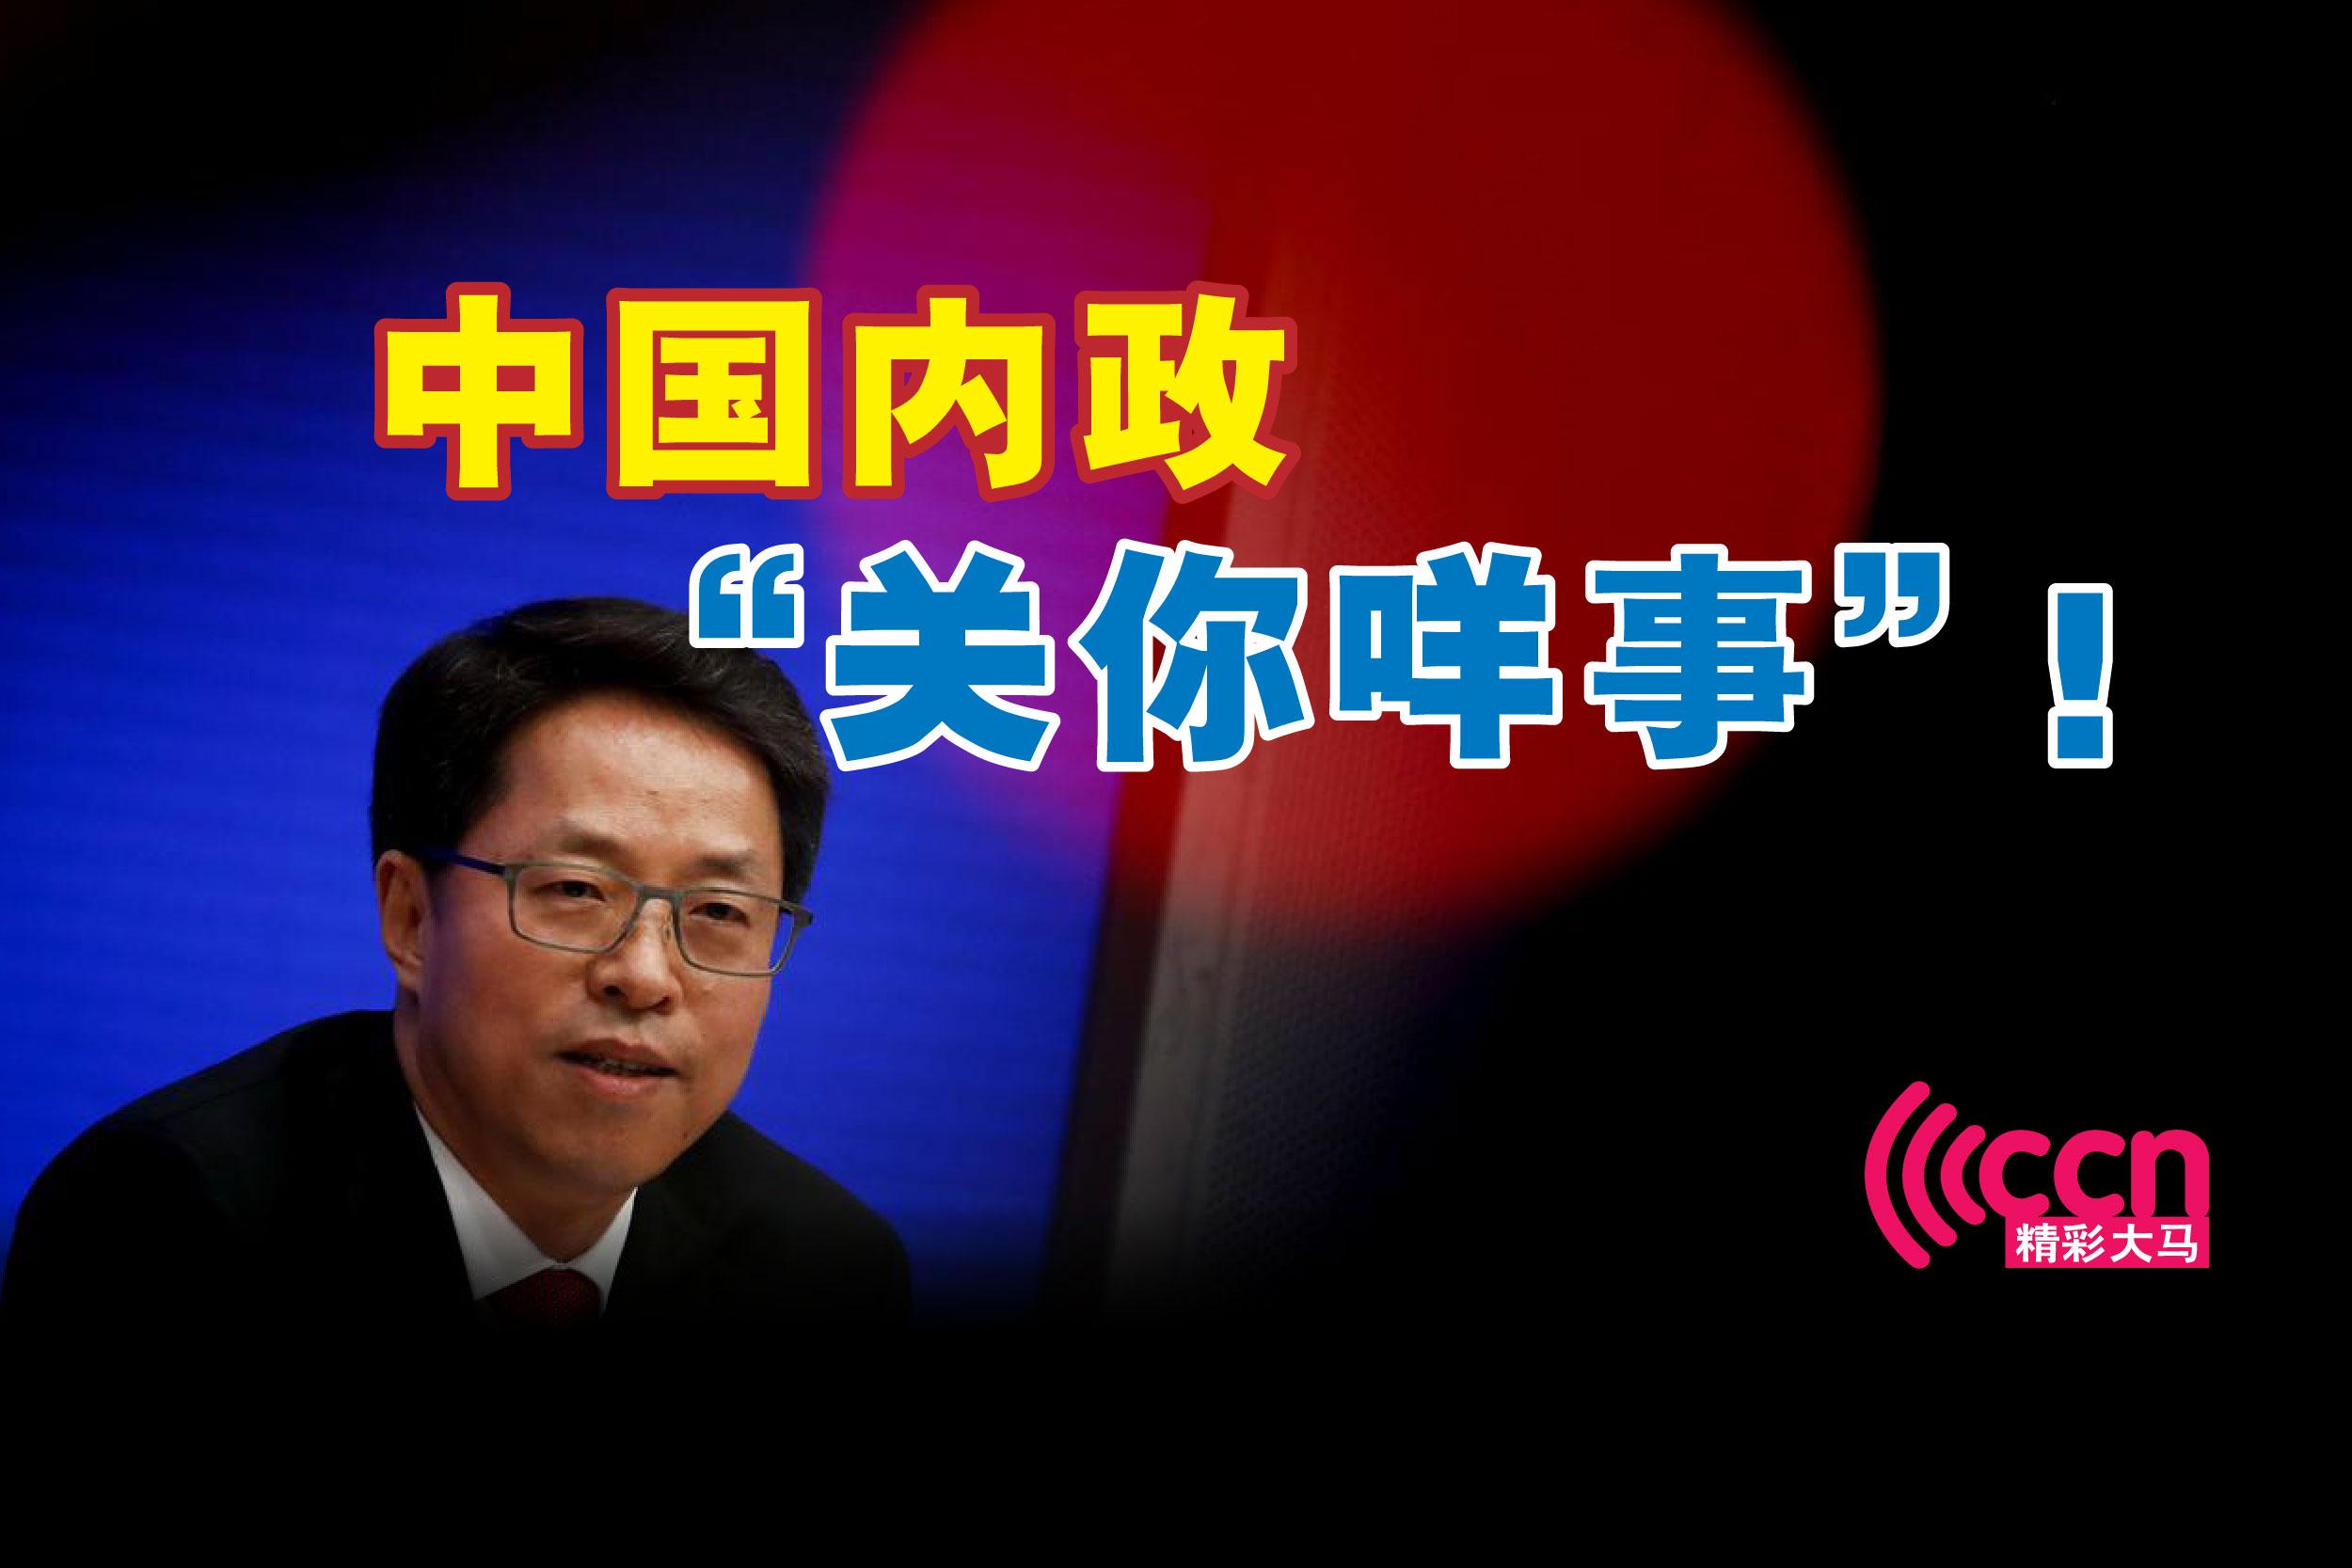 中国港澳办副主任张晓明表示,中国人看别人脸色,仰人鼻息的时代已经一去不复返了。-路透社-